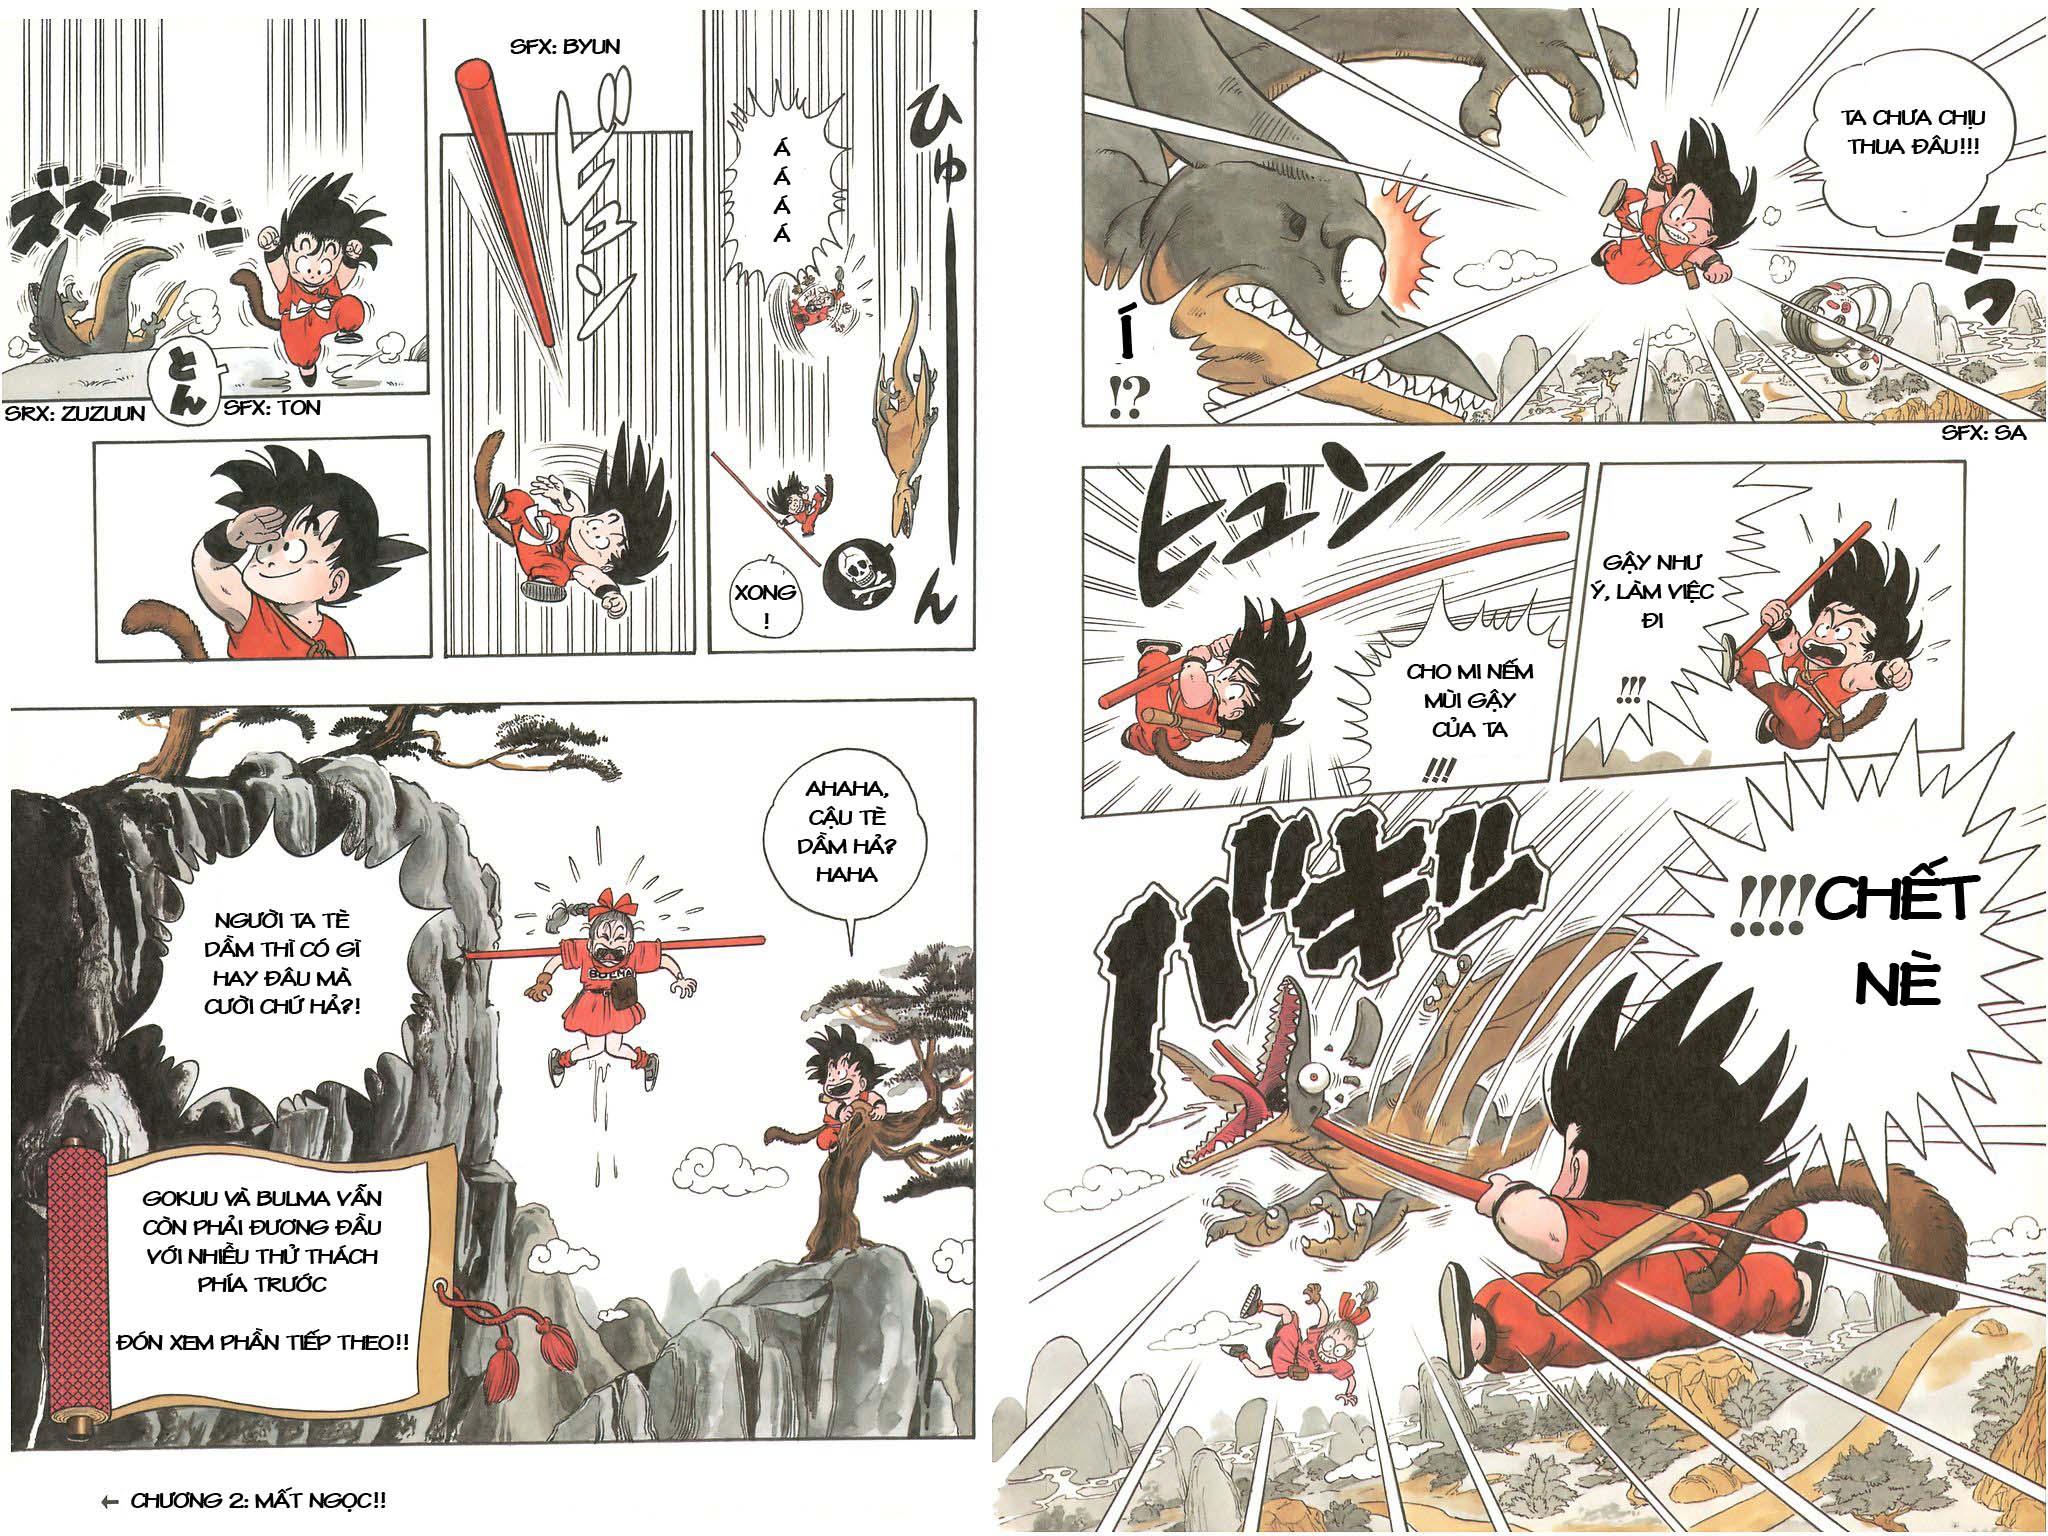 xem truyen moi - Dragon Ball Bản Vip - Bản Đẹp Nguyên Gốc Chap 1